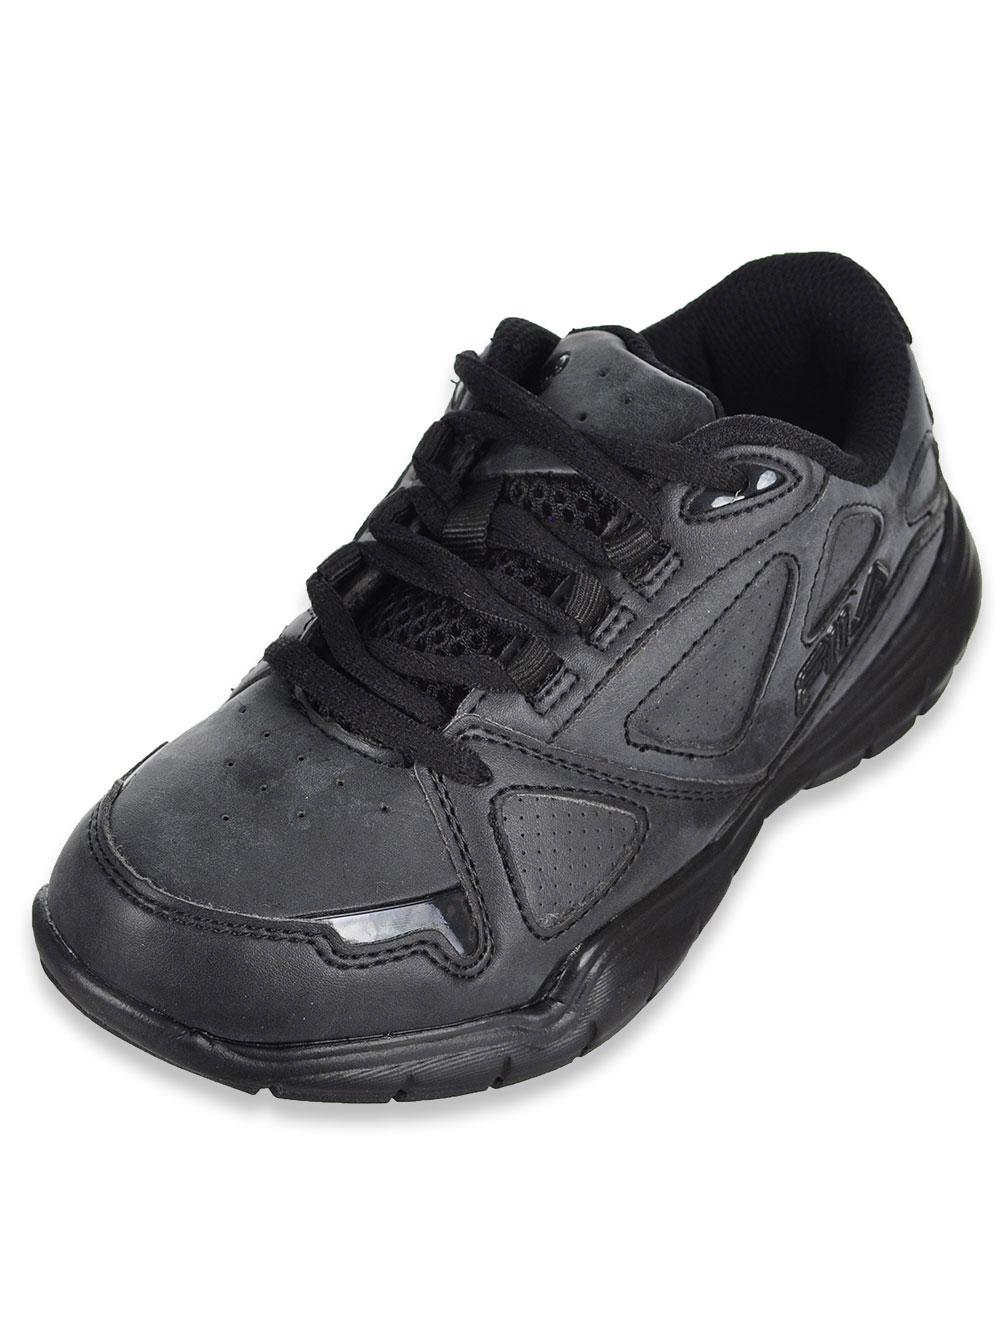 Boys' Side By Side Sneakers by Fila in Black